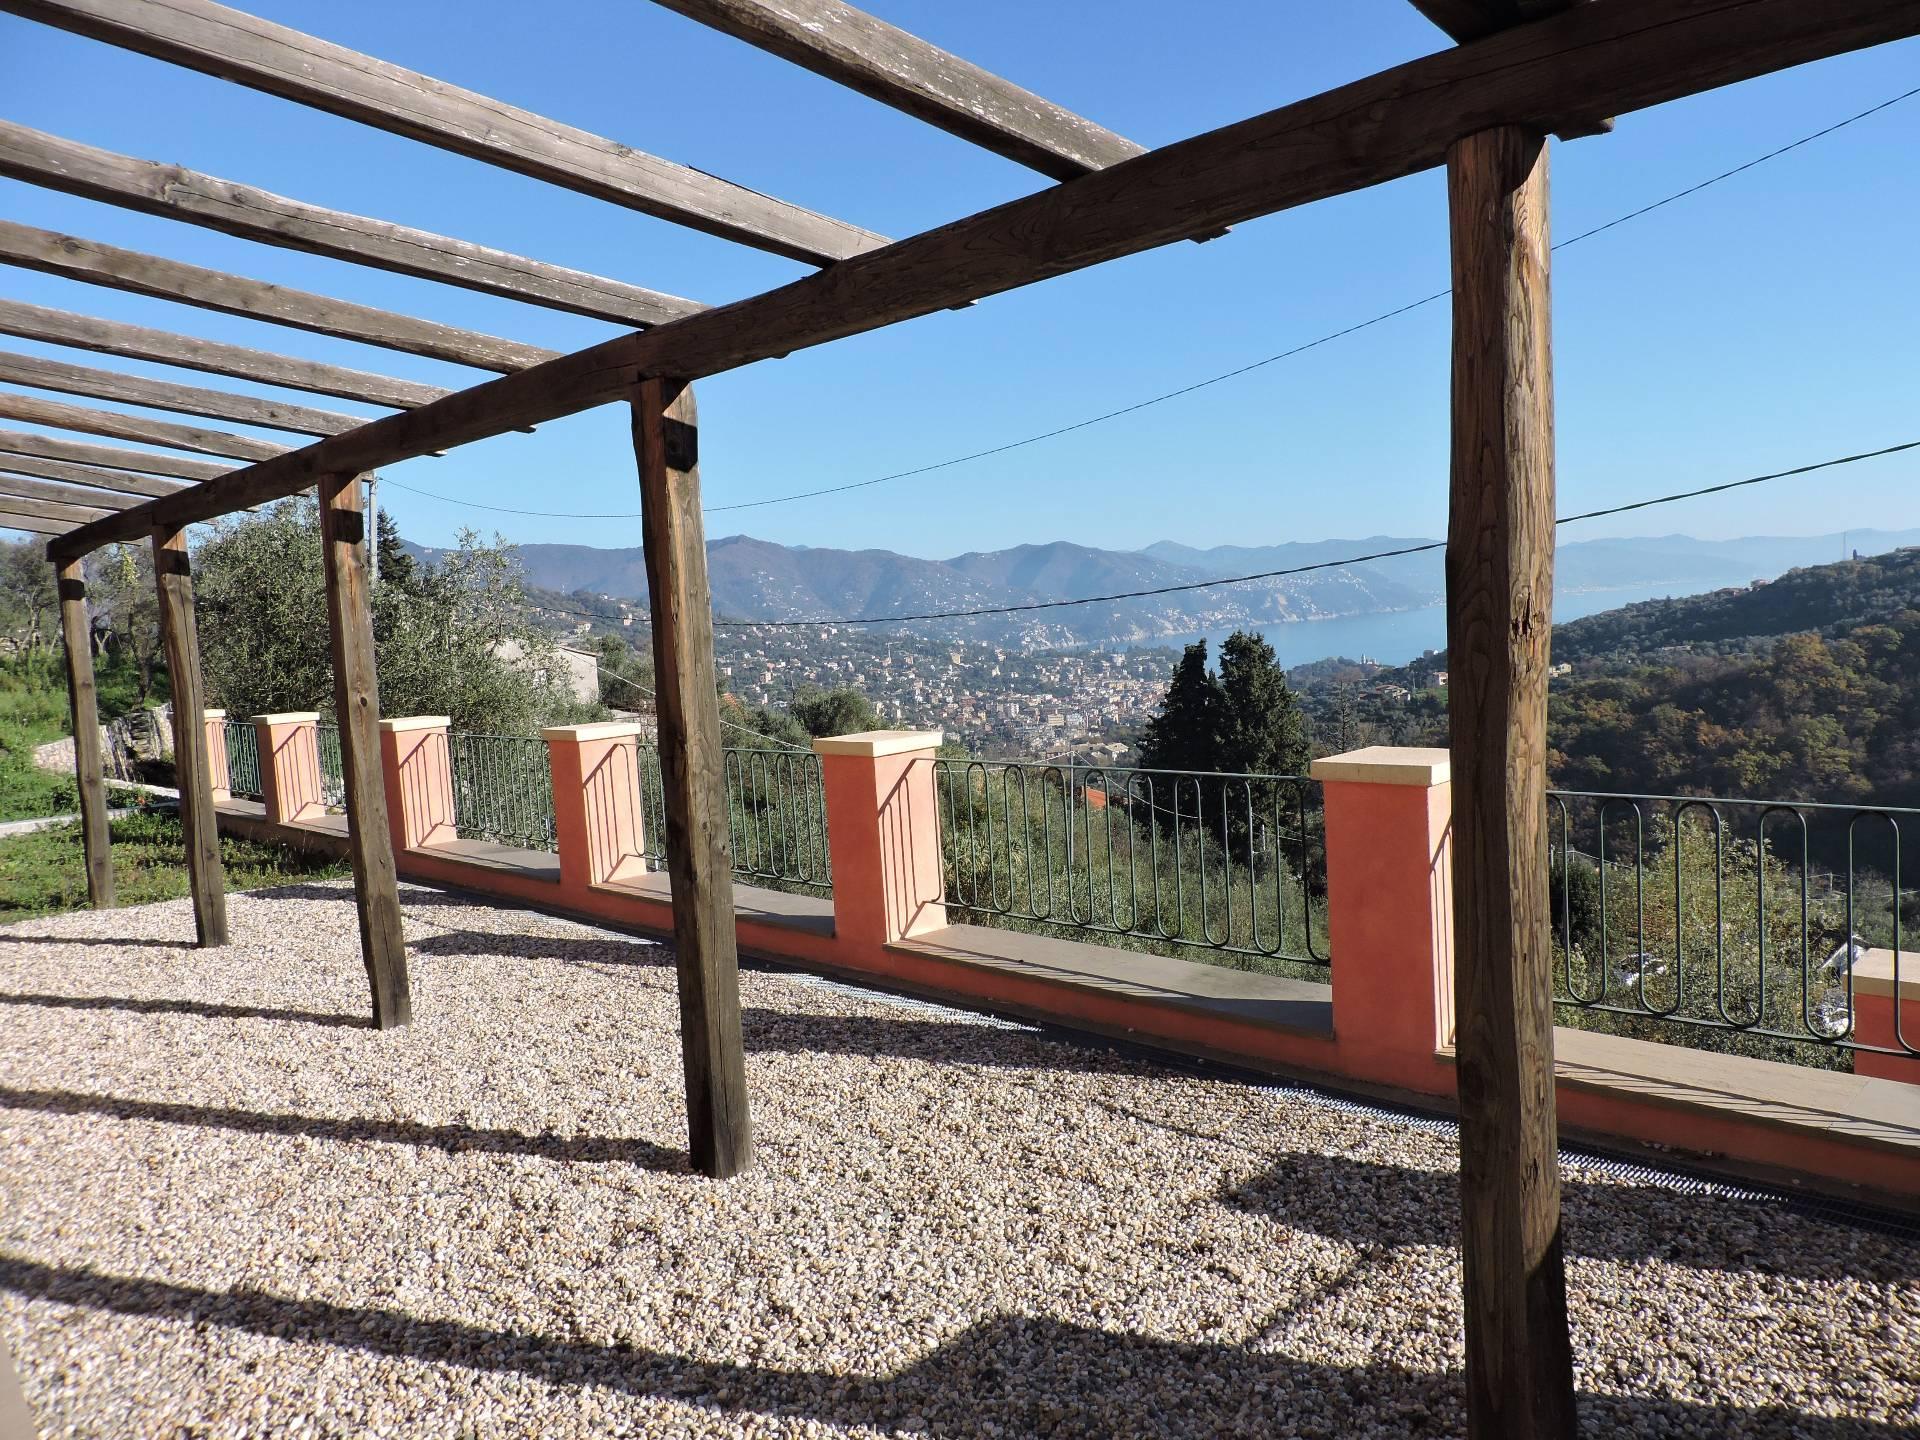 Soluzione Indipendente in affitto a Santa Margherita Ligure, 5 locali, zona Località: SanLorenzodellaCosta, prezzo € 1.400 | CambioCasa.it